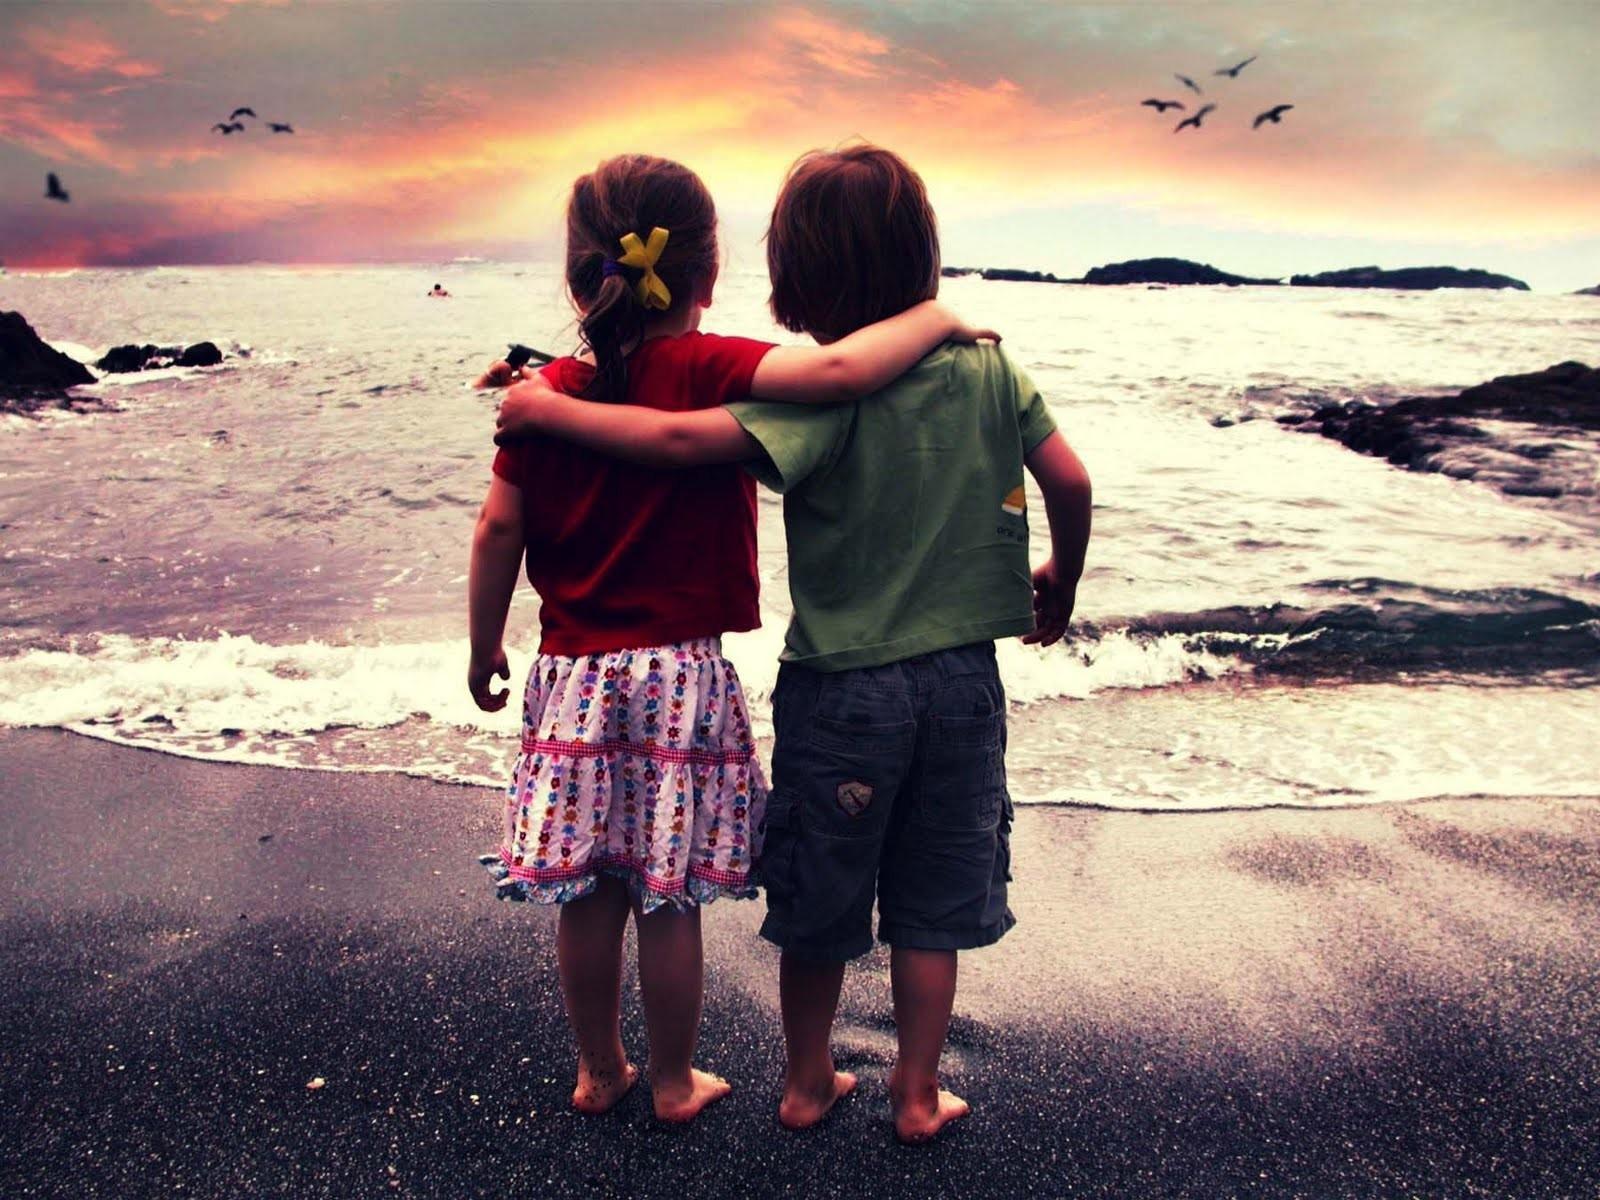 Дружба между девушкой и парня